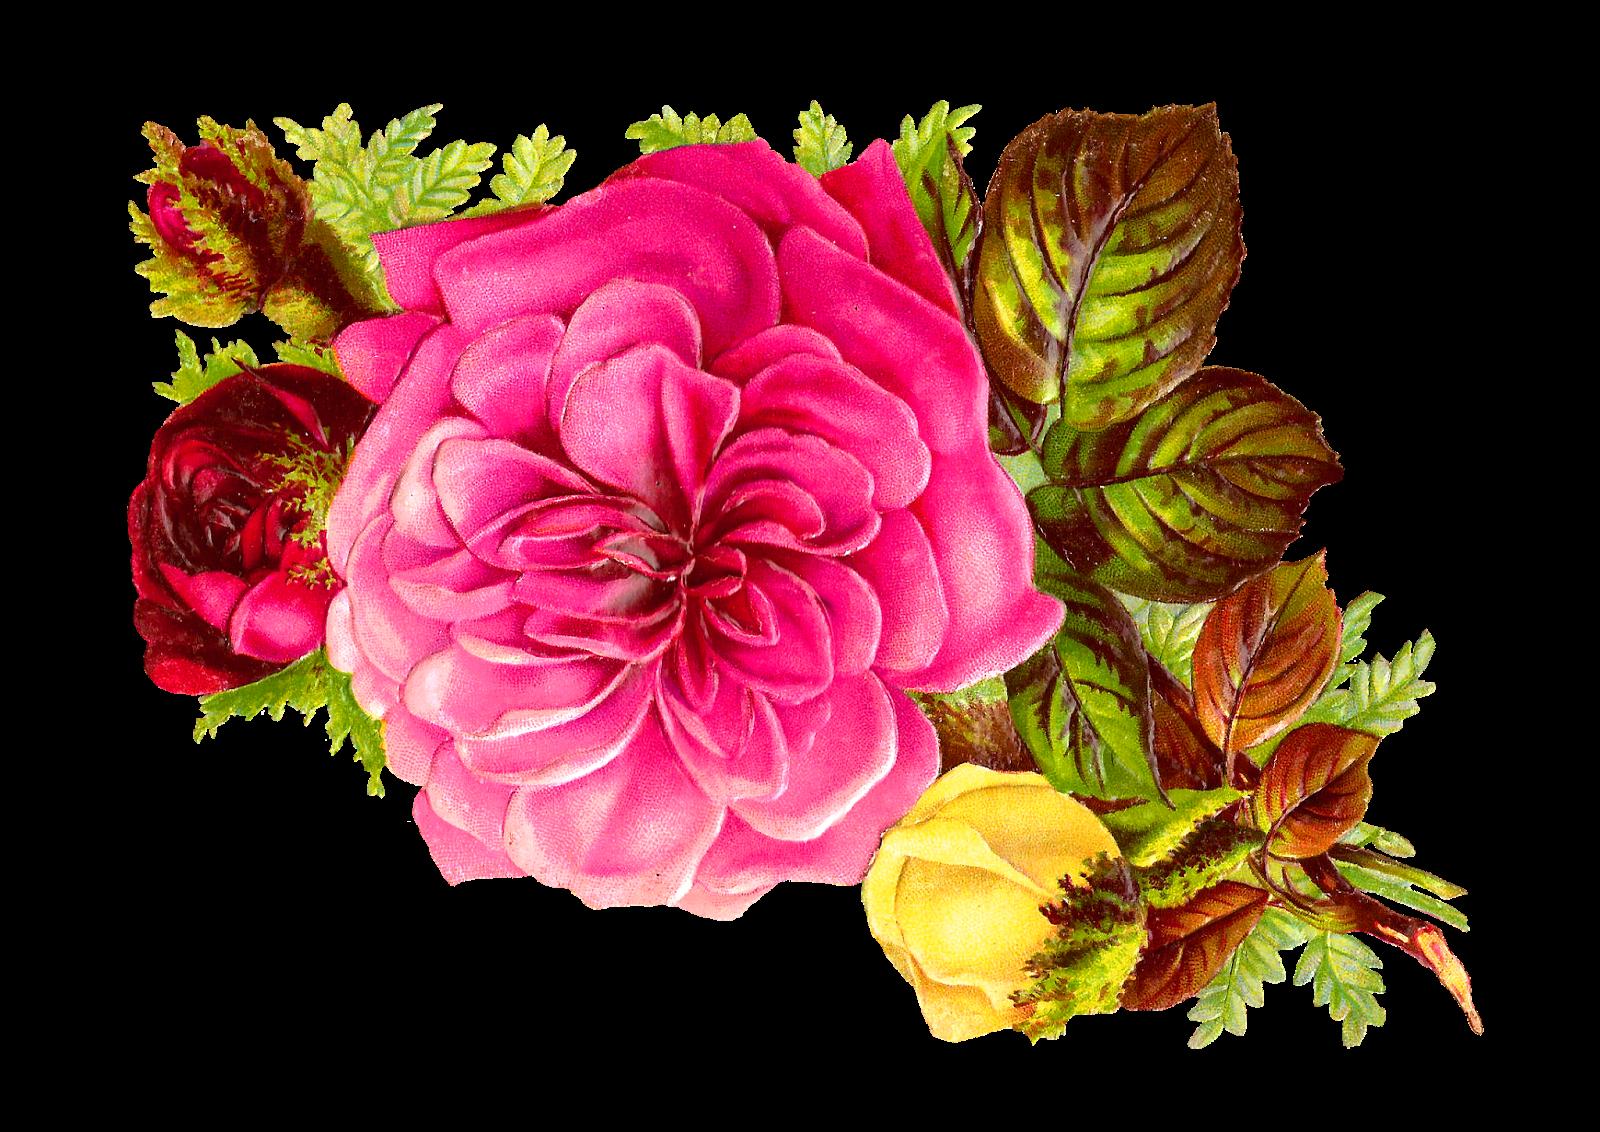 Flower clipart digital. Antique images rose bouquet